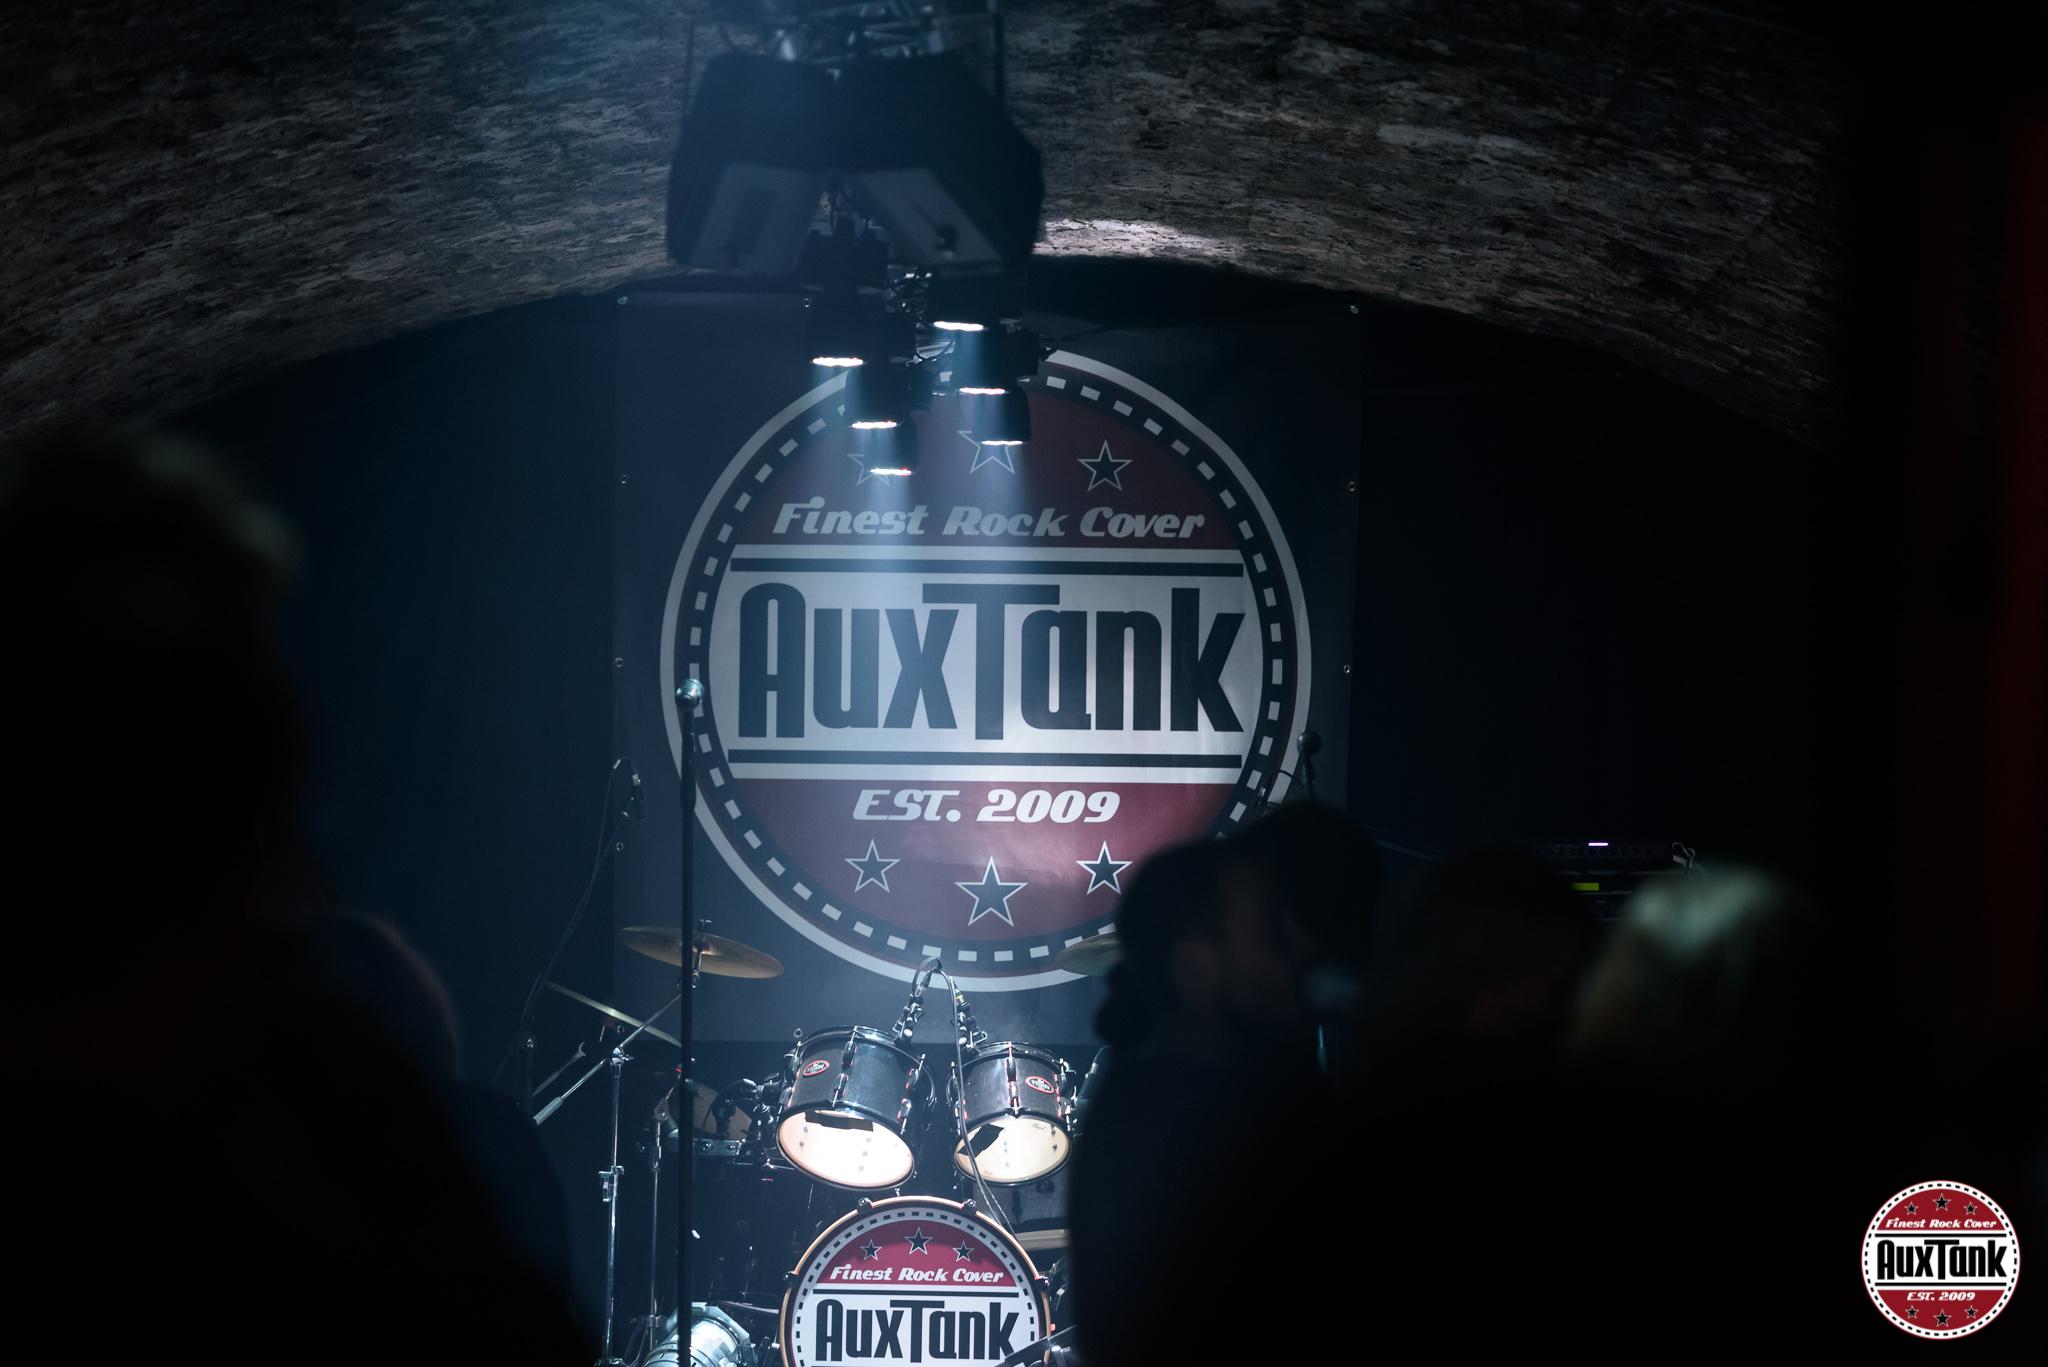 2018-12-01_22-29-08_AuxTank_2048px